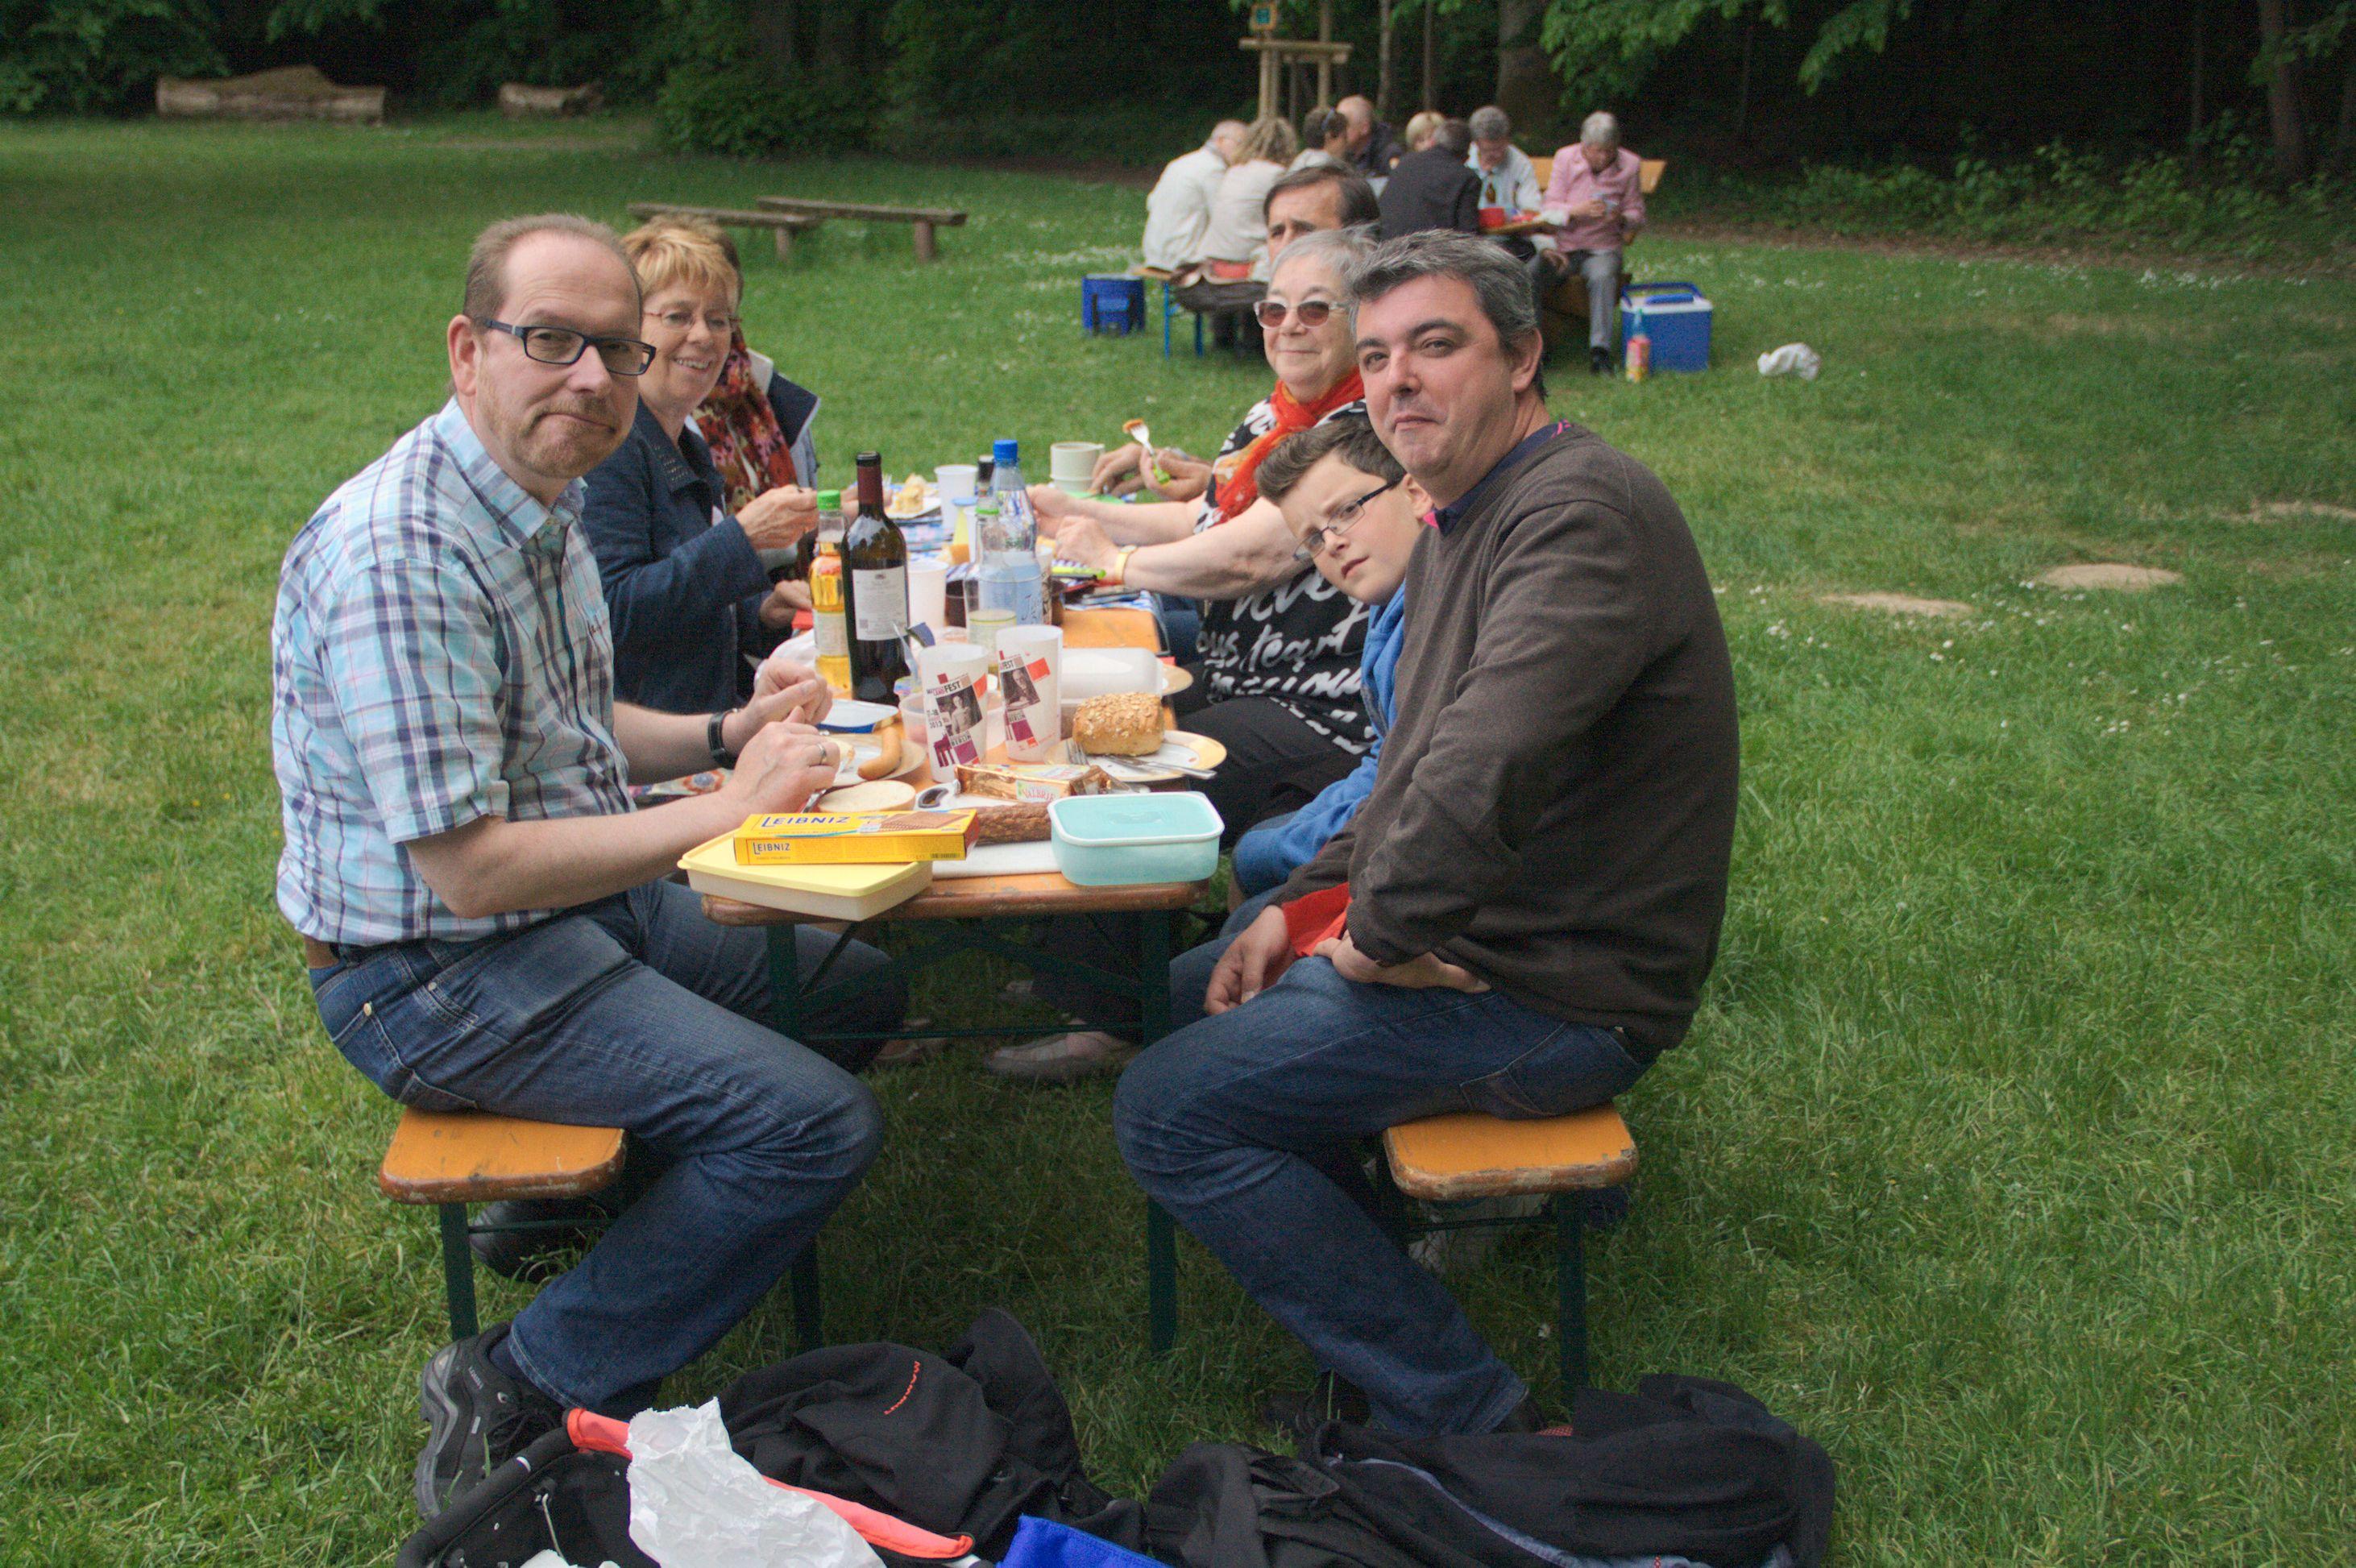 24 mai - Pique-nique,  Mühlhausen en Thuringe